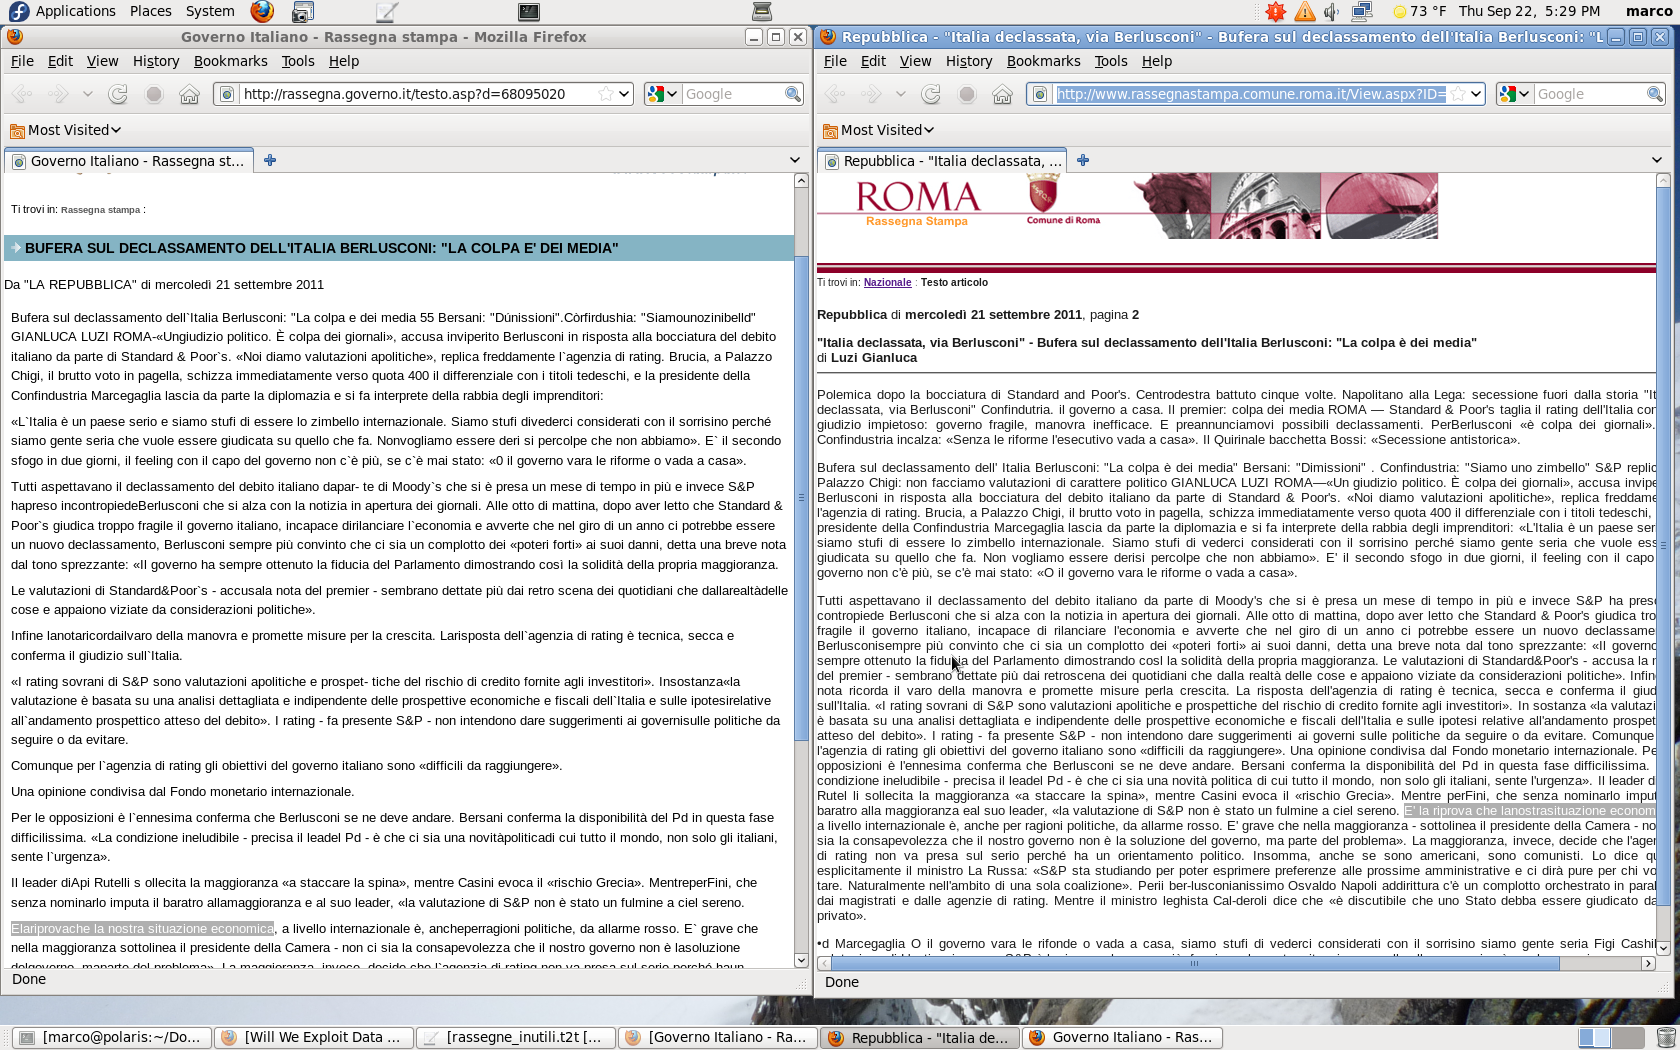 Rassegne stampa inutili al Comune di Roma e nel Governo. Chi paga? /img/confronti_ocr.png